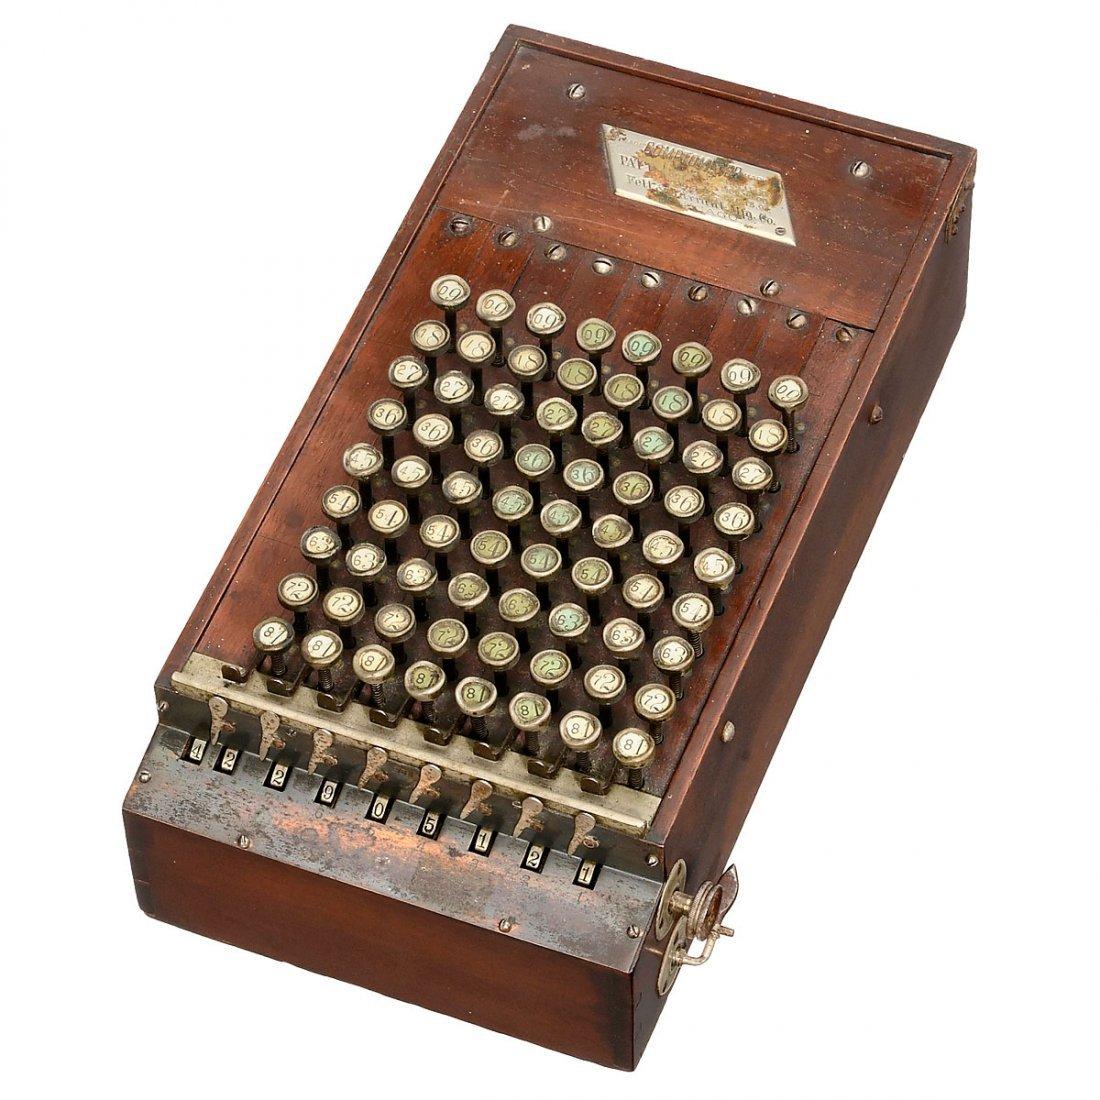 Comptometer Mod. 1, 1887